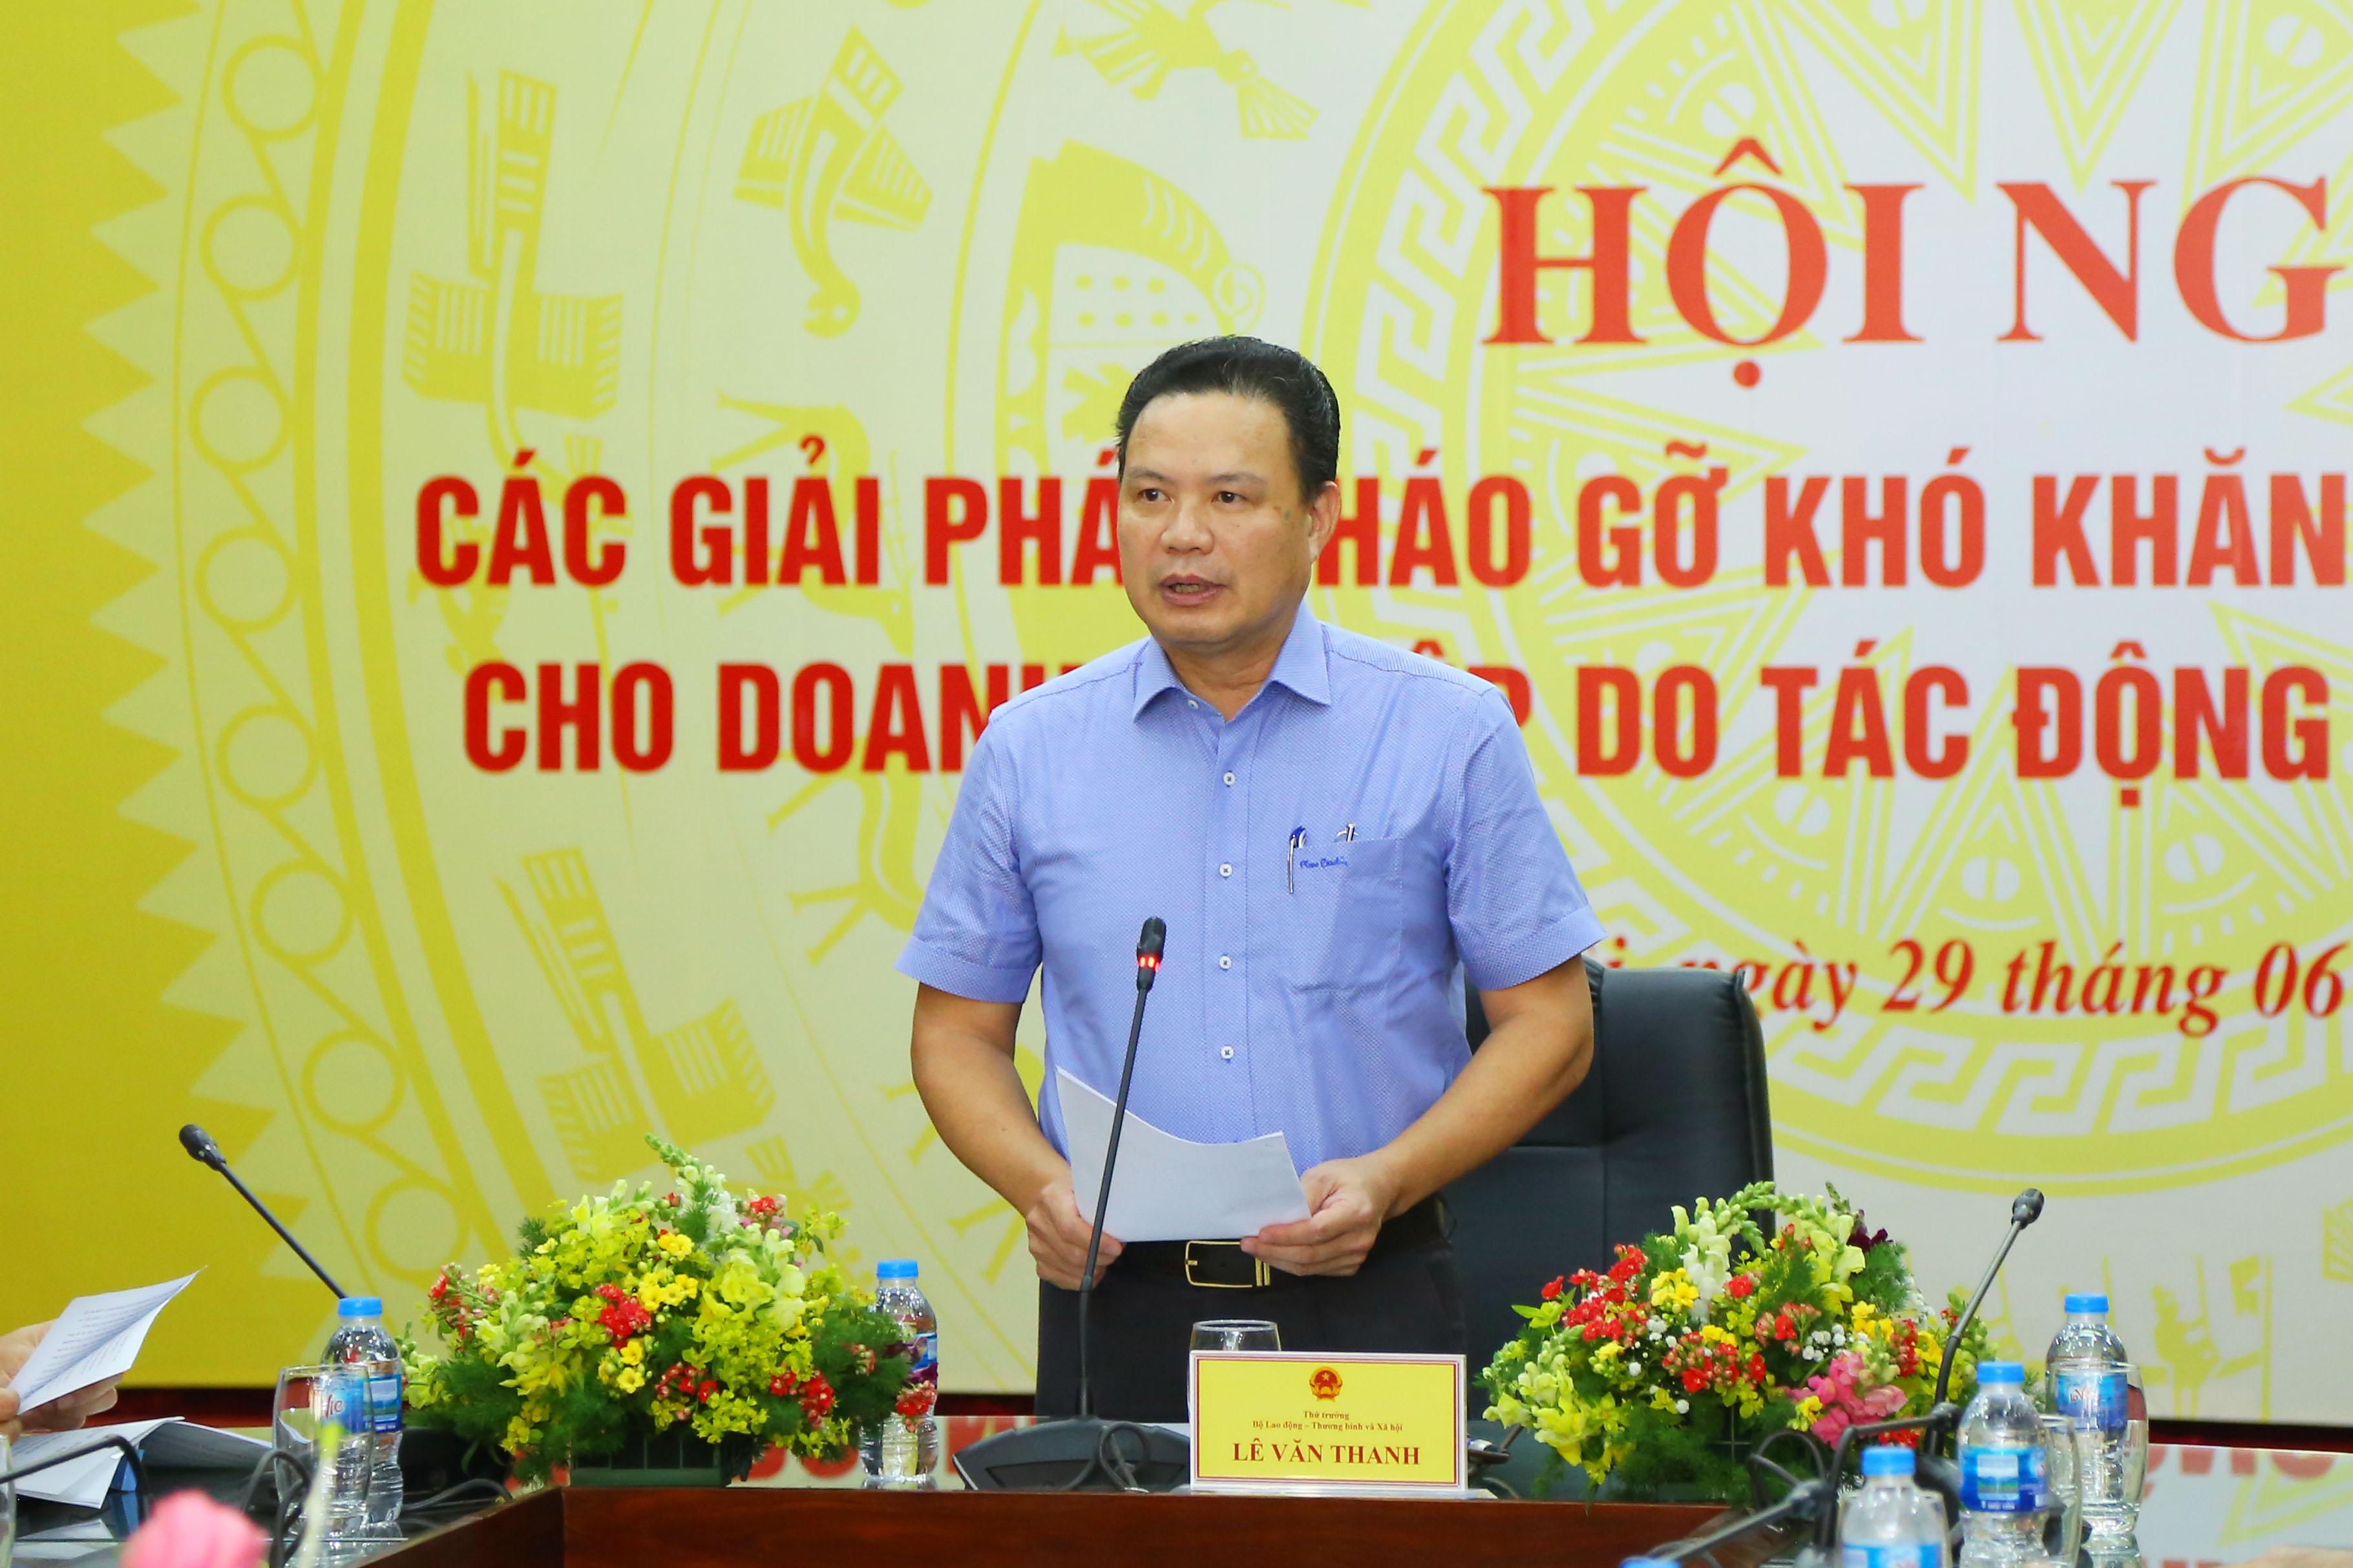 """<a href=""""/tin-tuc/tien-luong-va-bhxh"""" title=""""Lao động - Tiền lương và BHXH"""" rel=""""dofollow"""">LAO ĐỘNG - TIỀN LƯƠNG & BHXH</a>"""